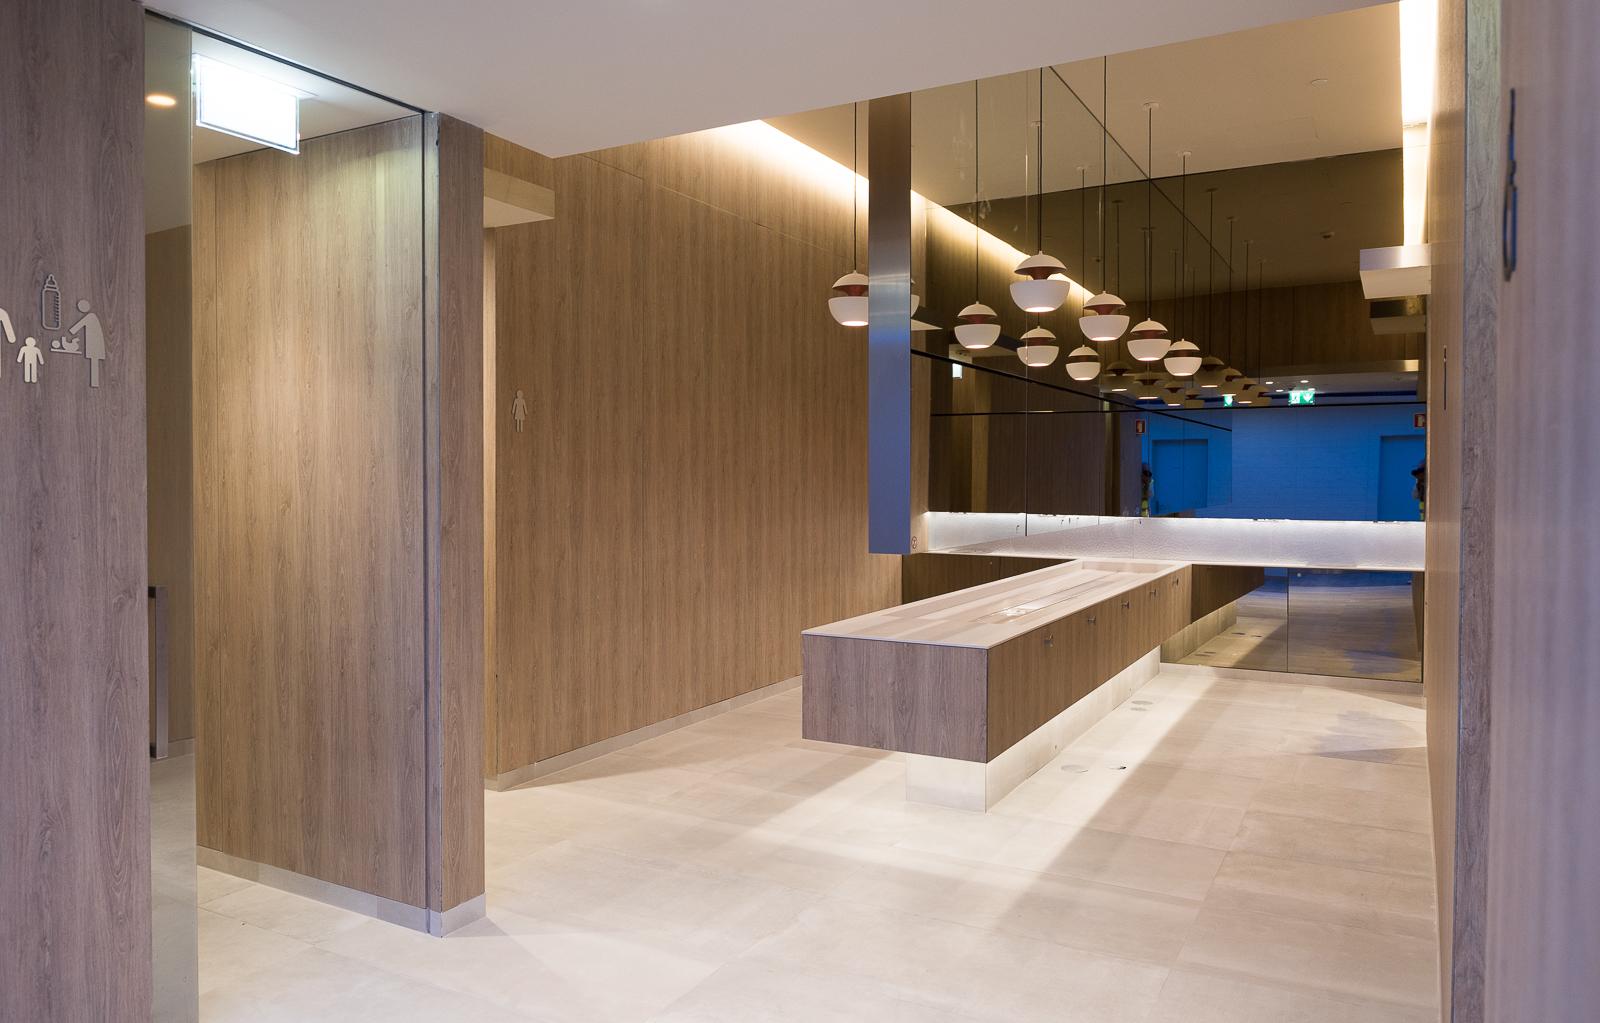 ikea mar shopping o mar de burocracia que chegou a bom porto eco. Black Bedroom Furniture Sets. Home Design Ideas